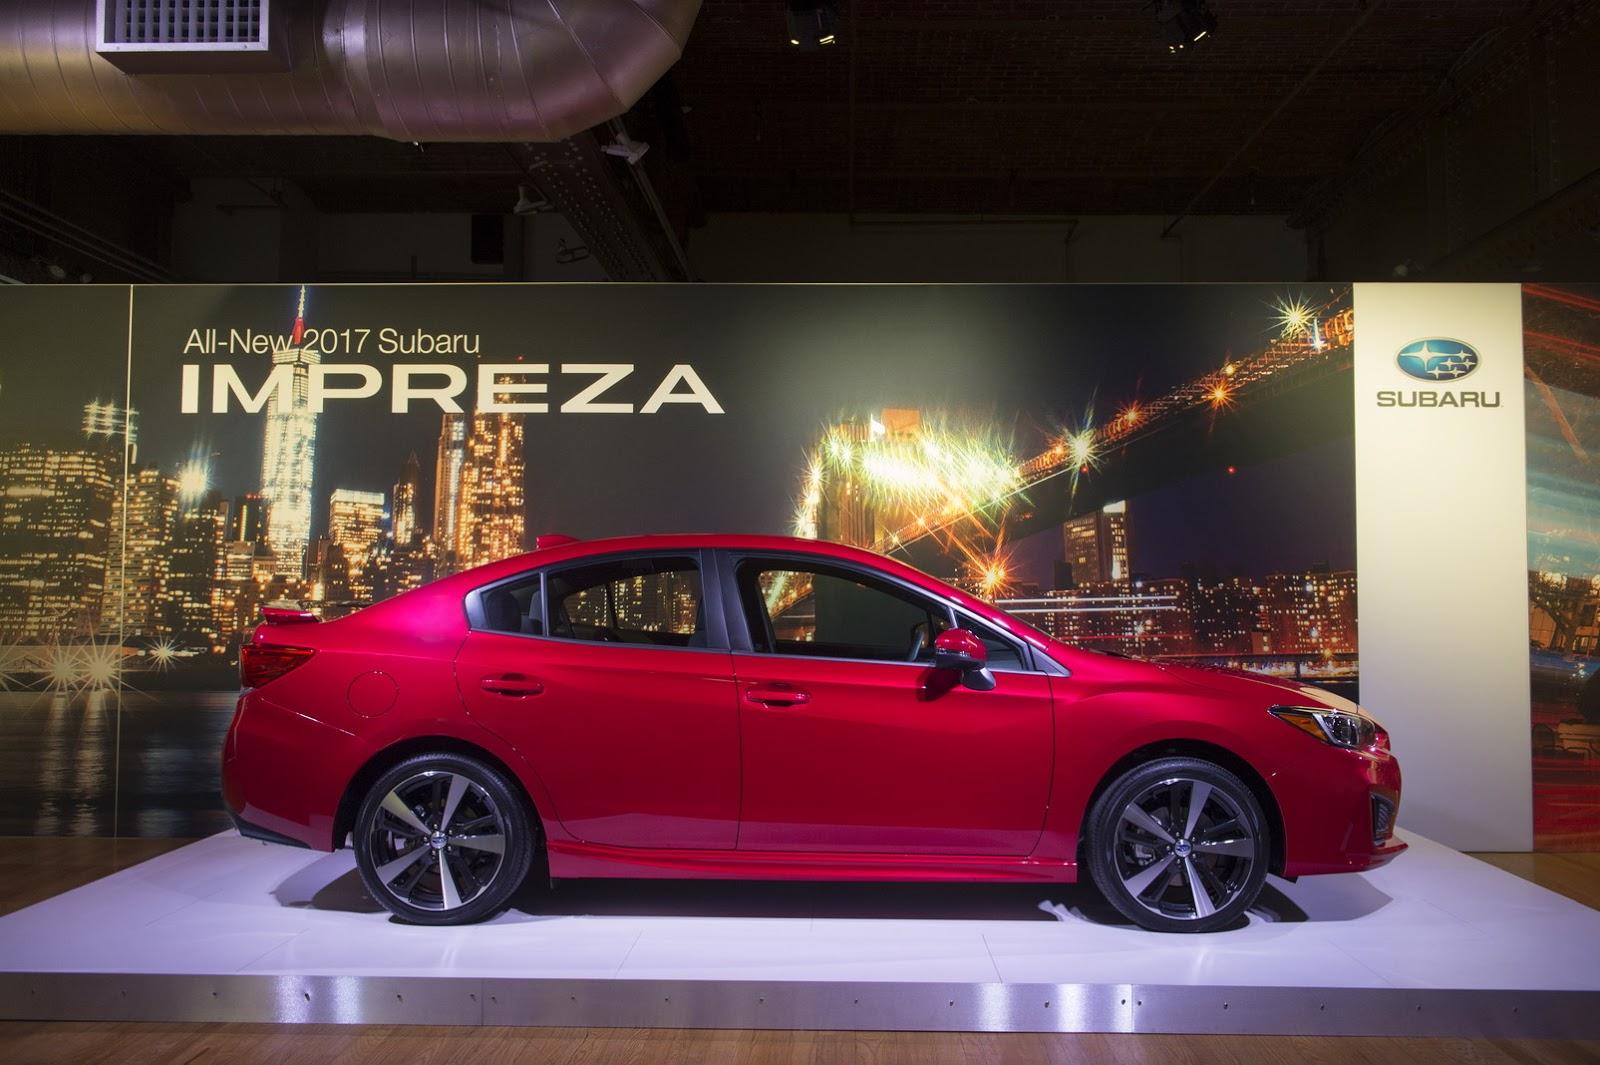 Subaru Impreza 2017 đã có thiết kế khá hơn so với đời tiền nhiệm, nhưng cơ bản vẫn chưa đẹp, chỉ khá đẹp